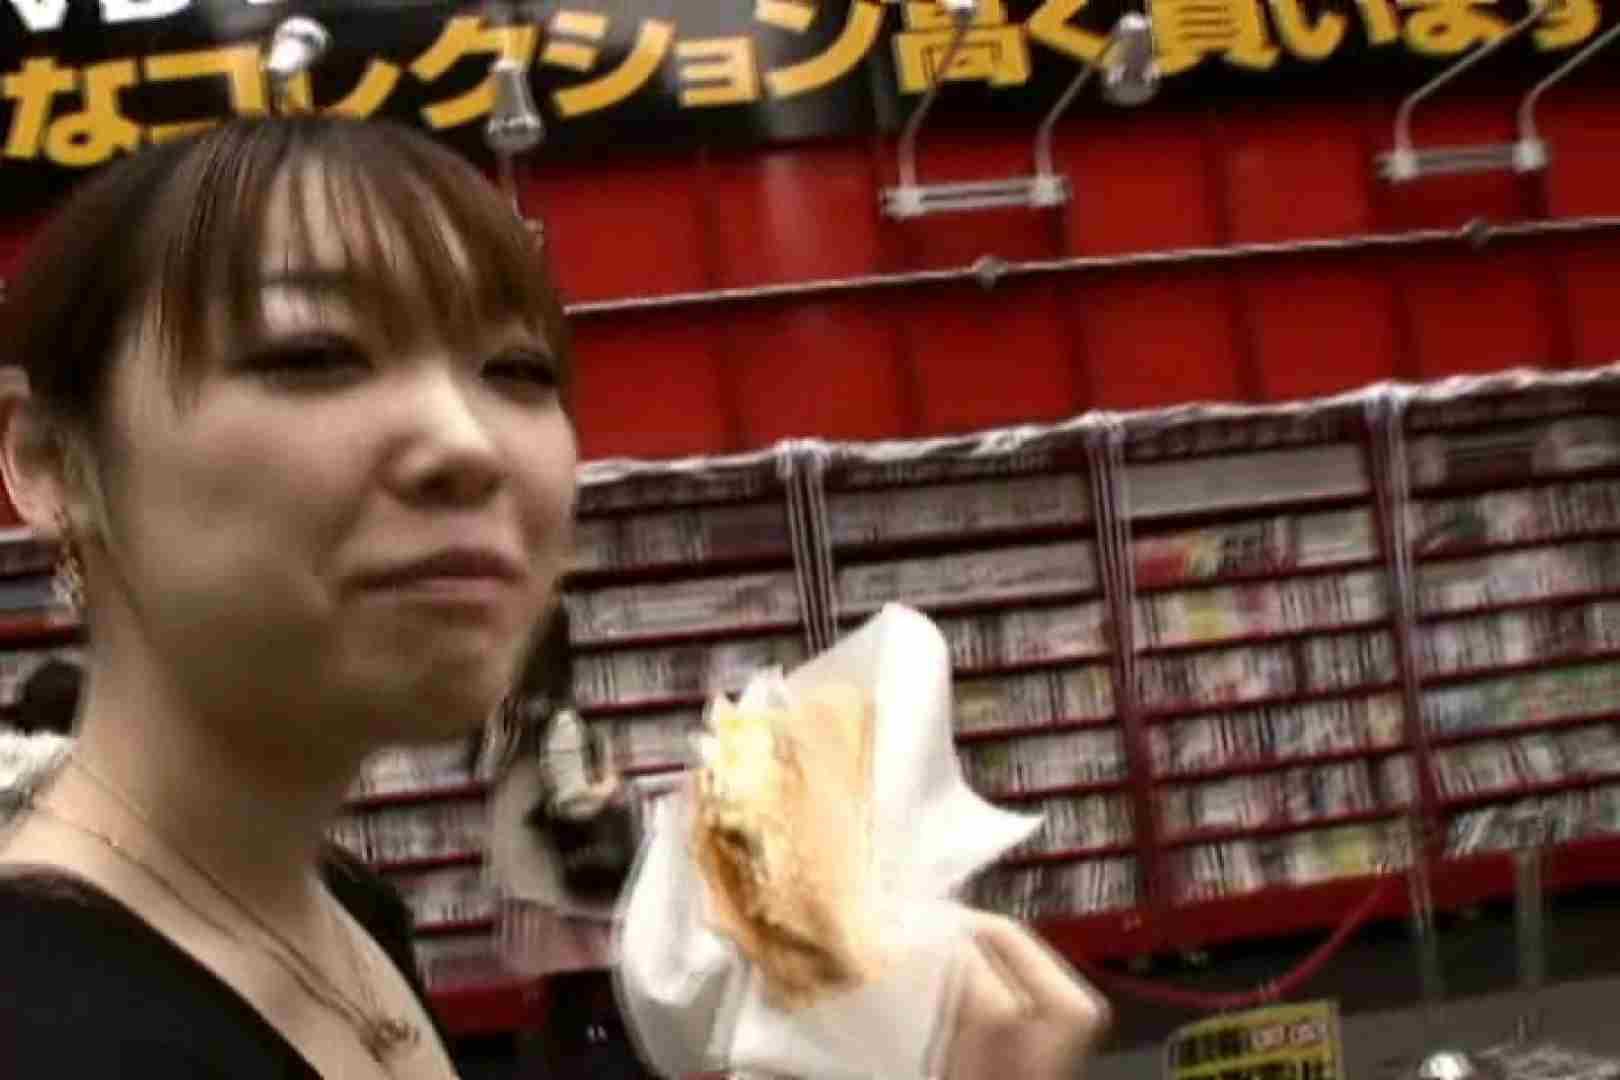 ハイビジョンパンチラ オッテQさんの追跡パンチラ階段編Vol.04 パンチラ  81pic 65